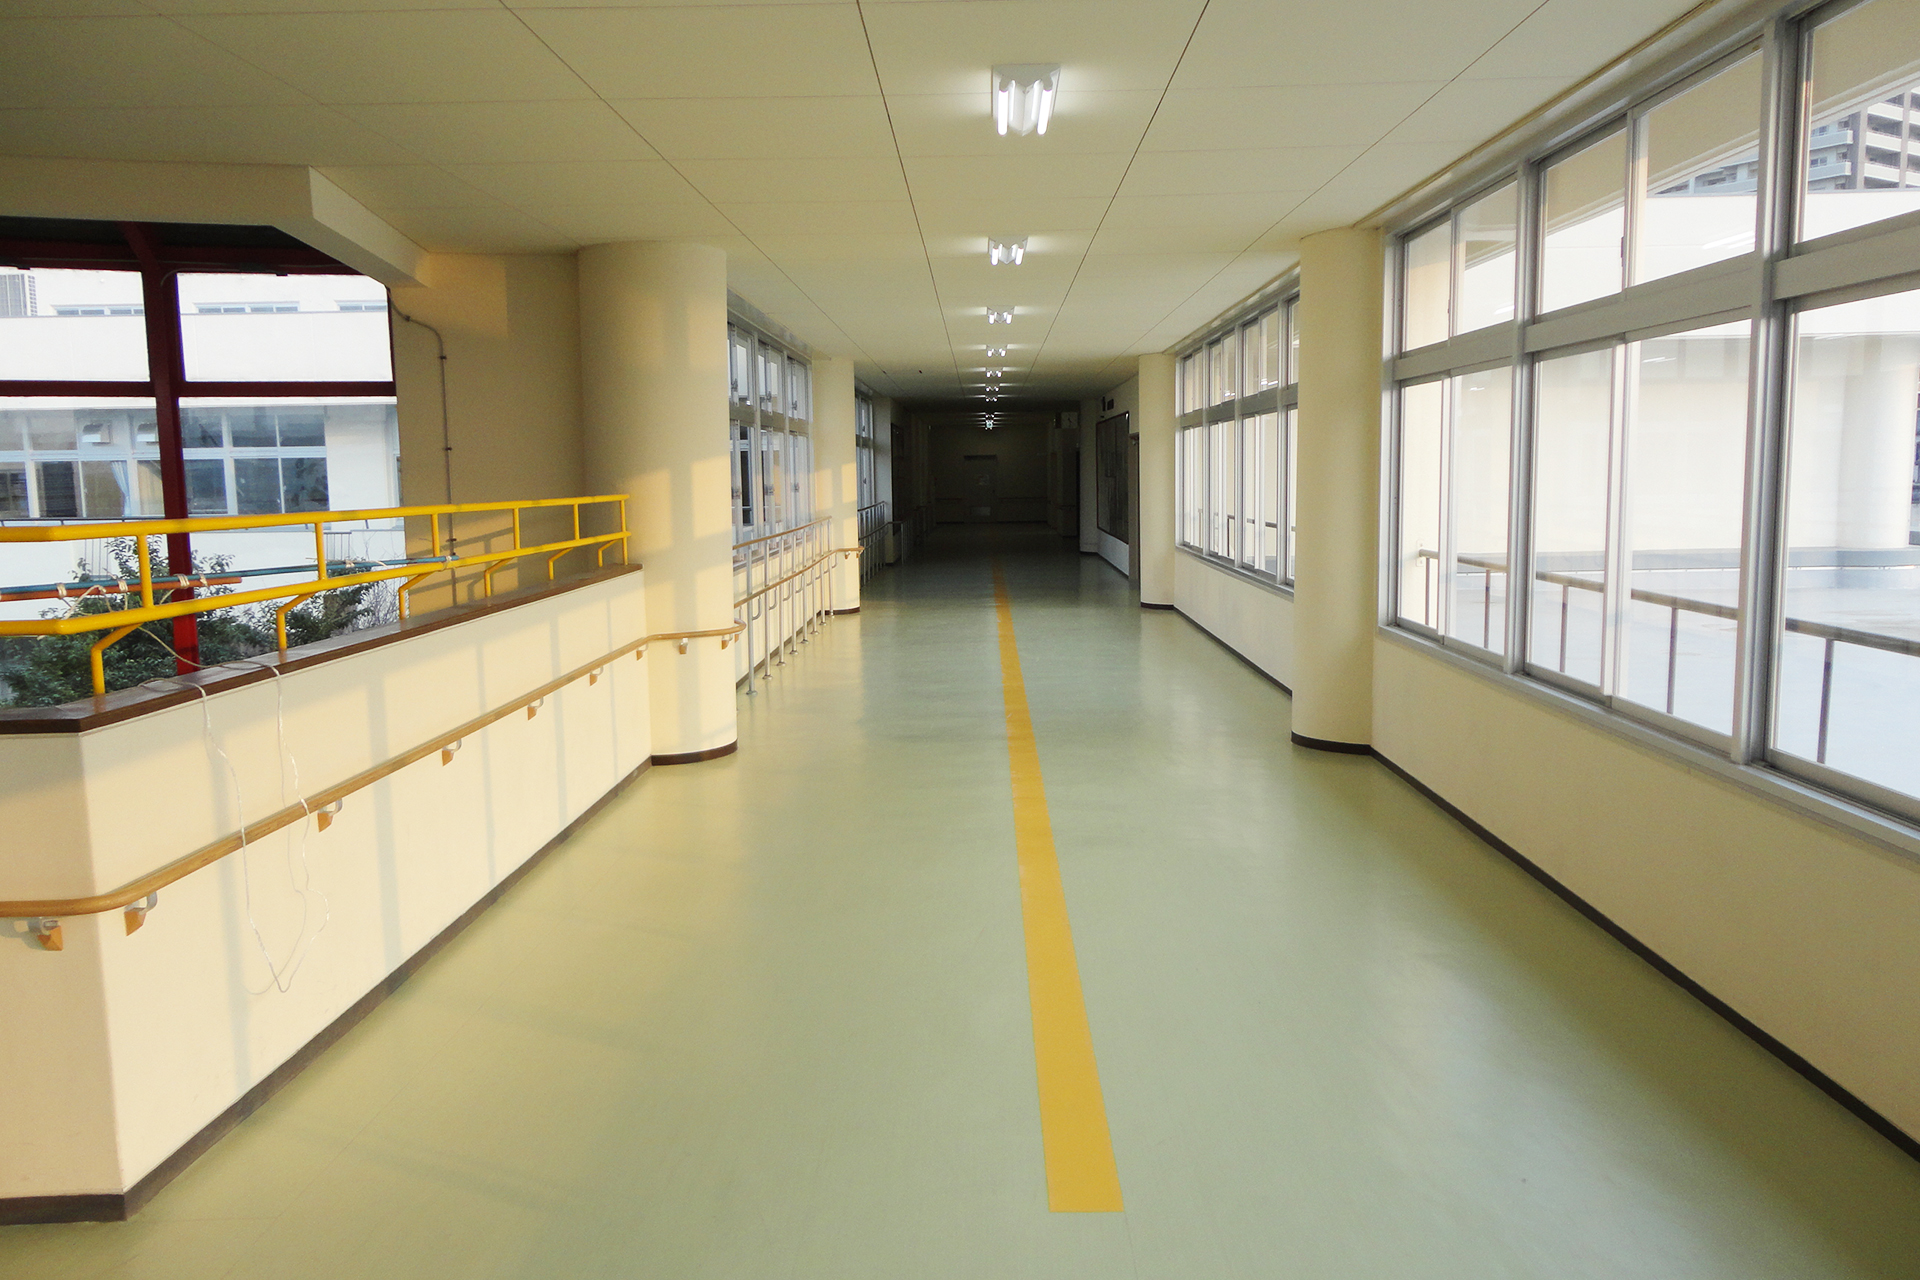 市立岡部小学校 大規模改造工事